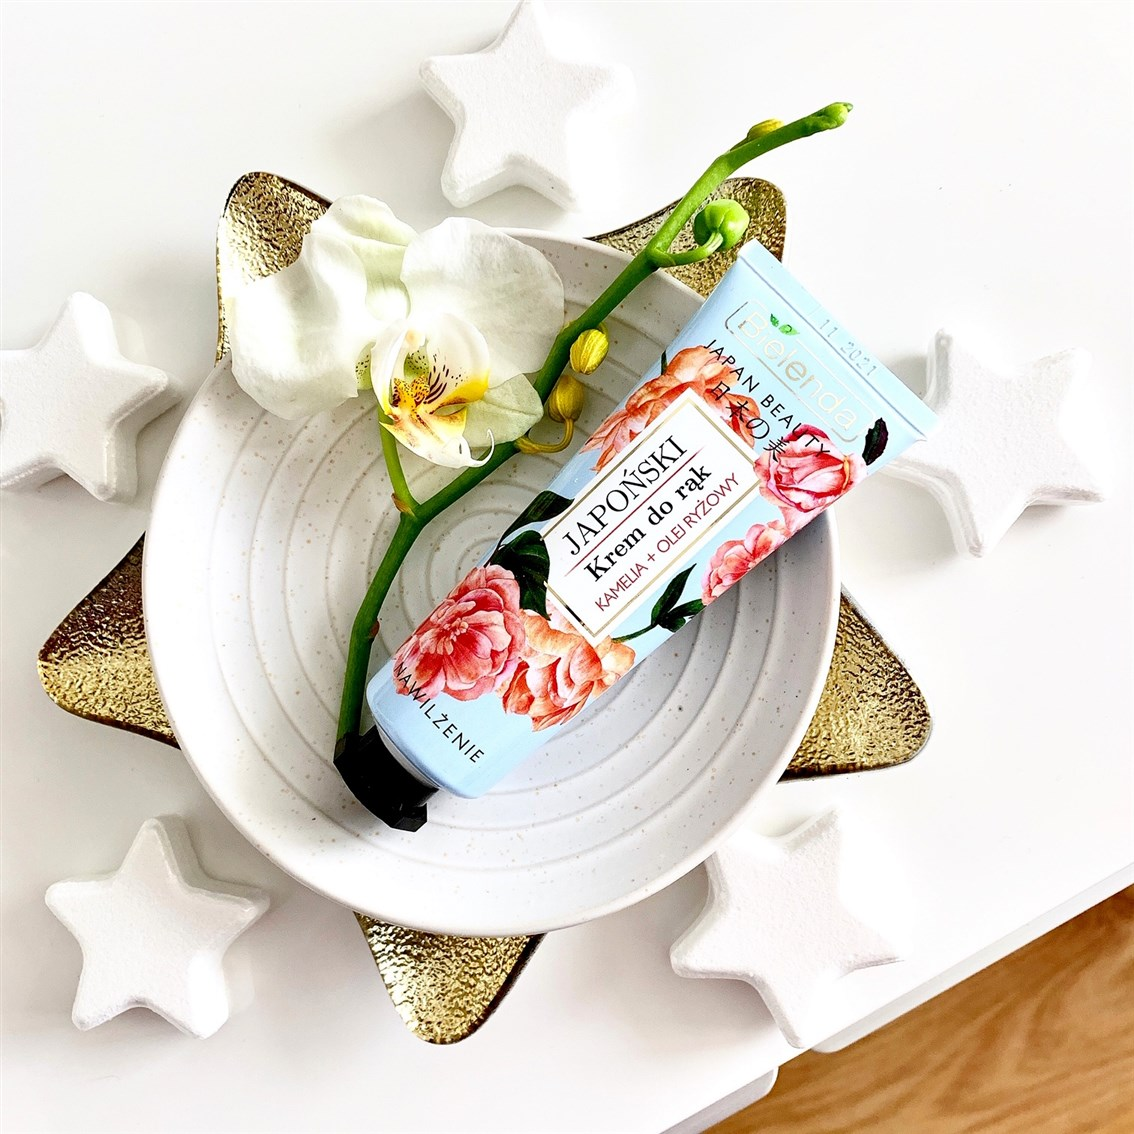 Bielenda Japan Beauty japoński krem do rąk, Nawilżenie kamelia + olej ryżowy